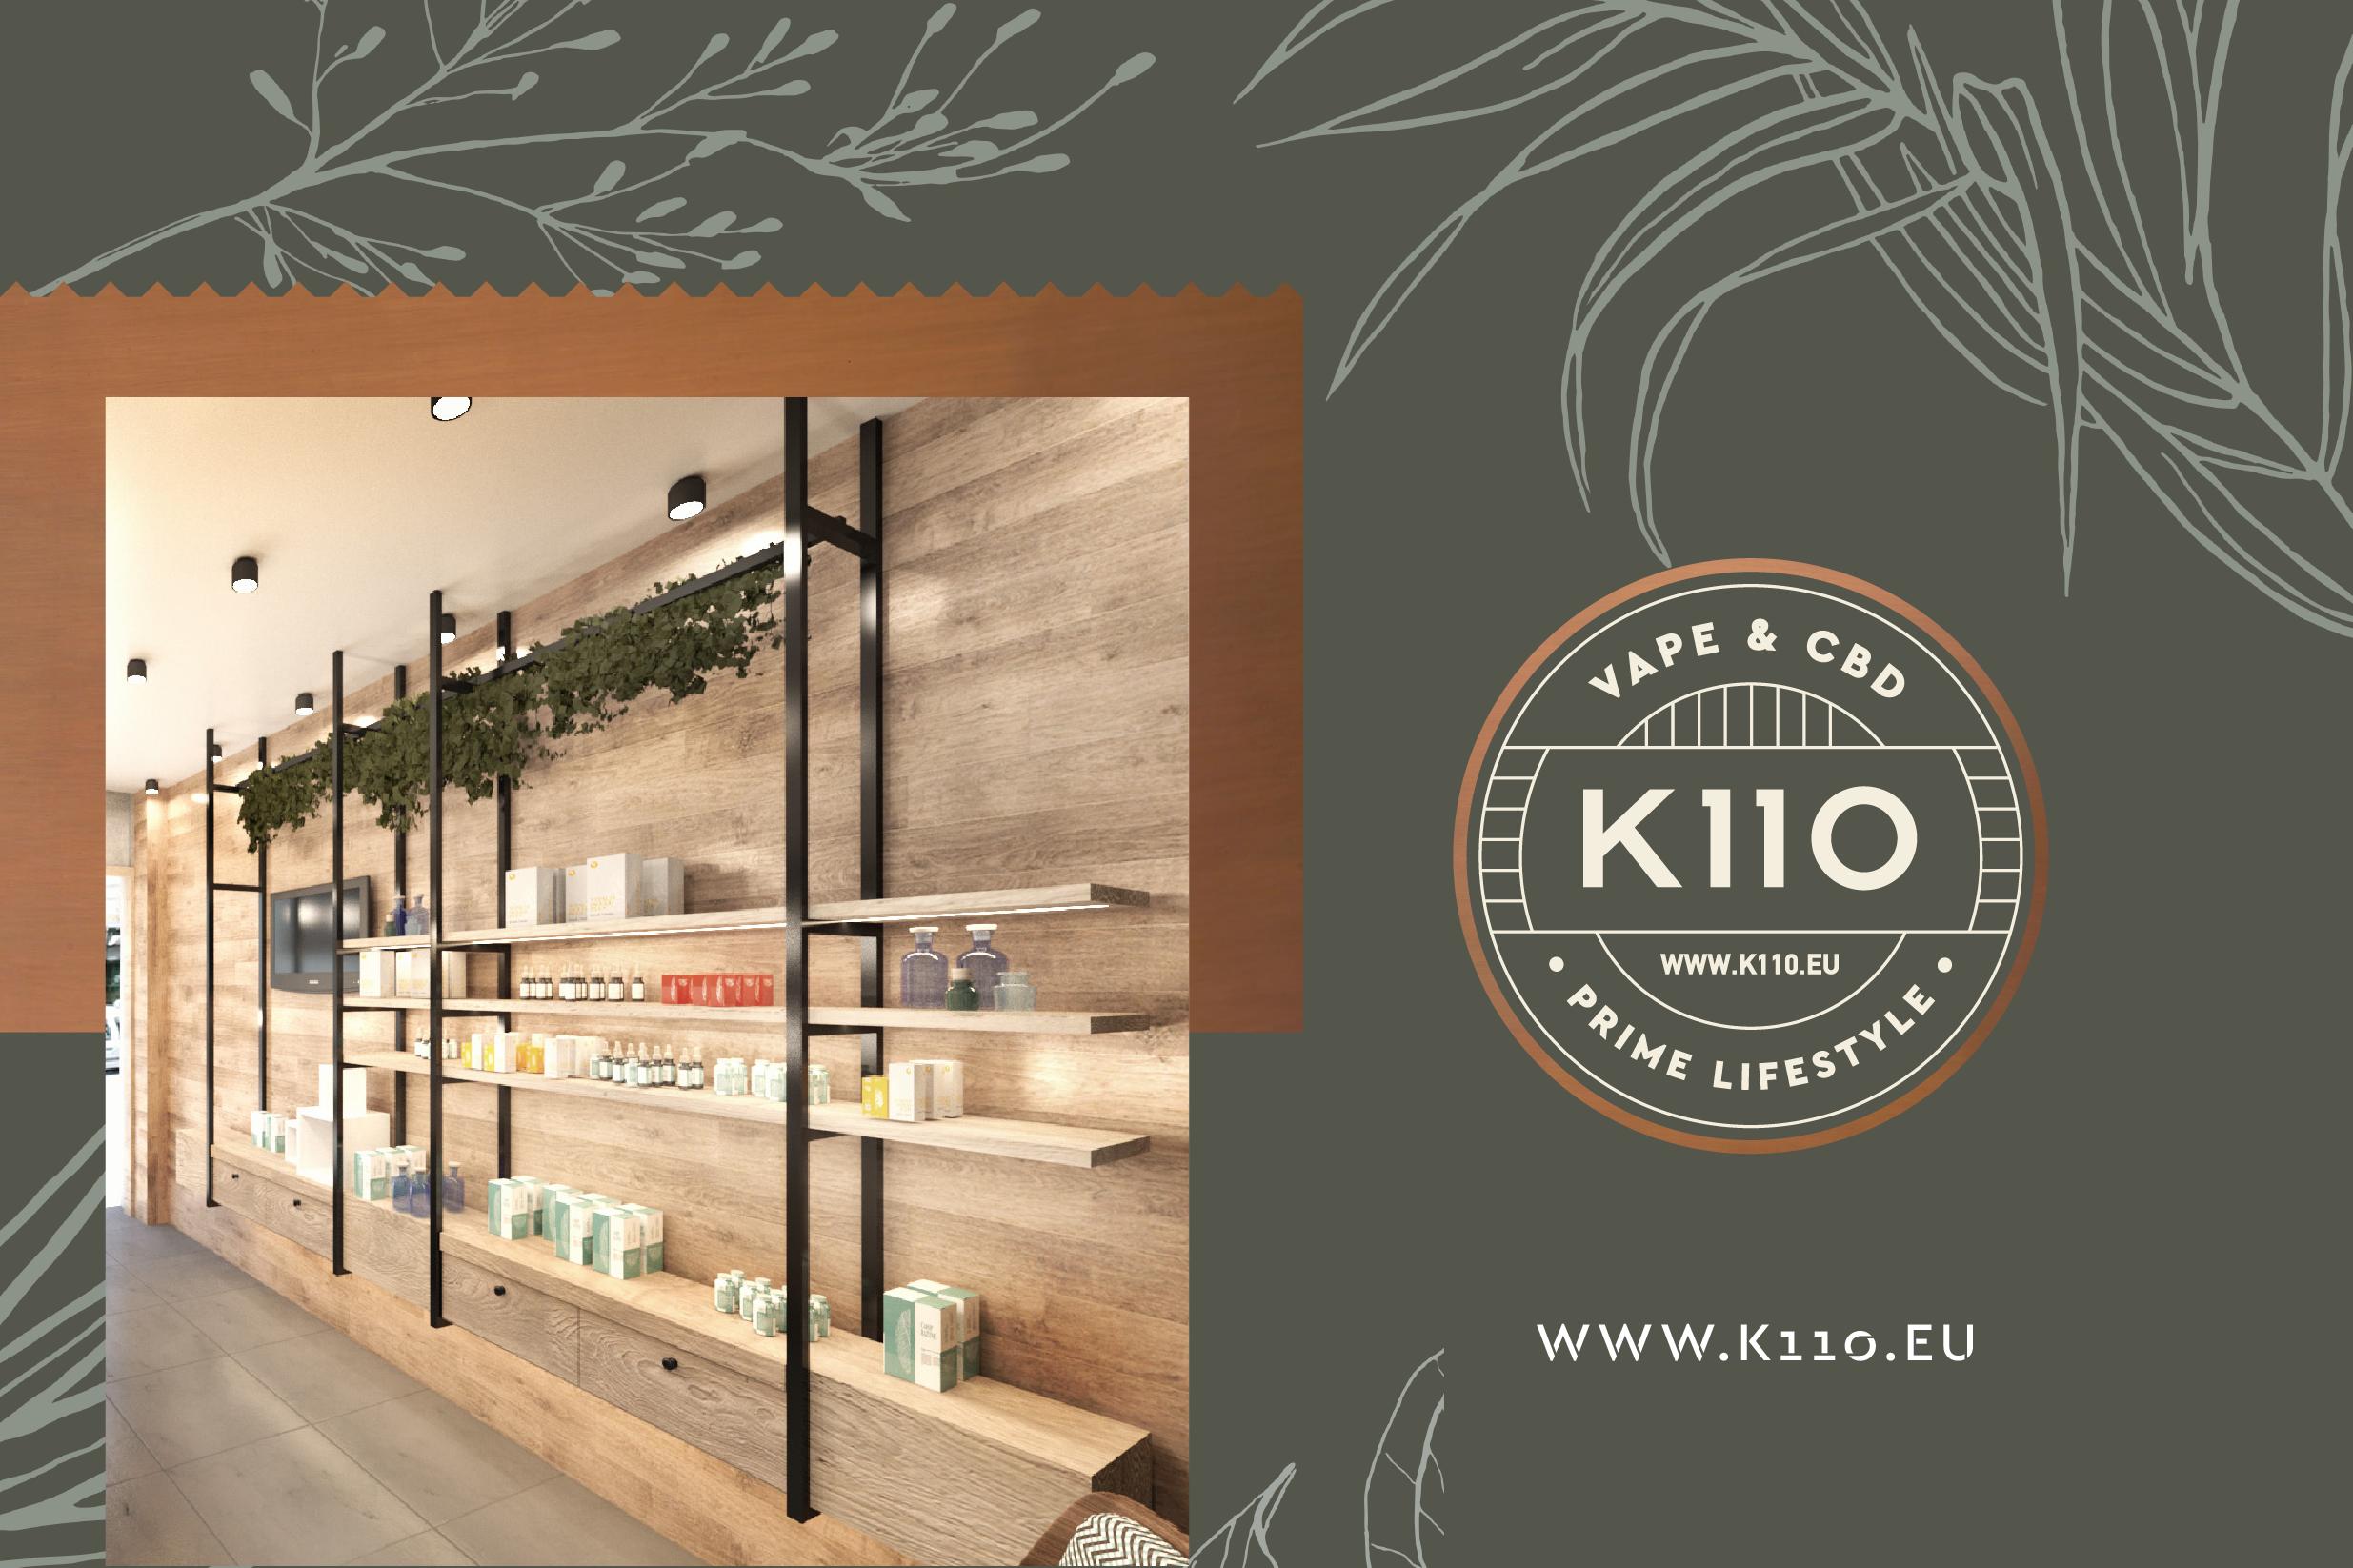 k110-presentation-09.png